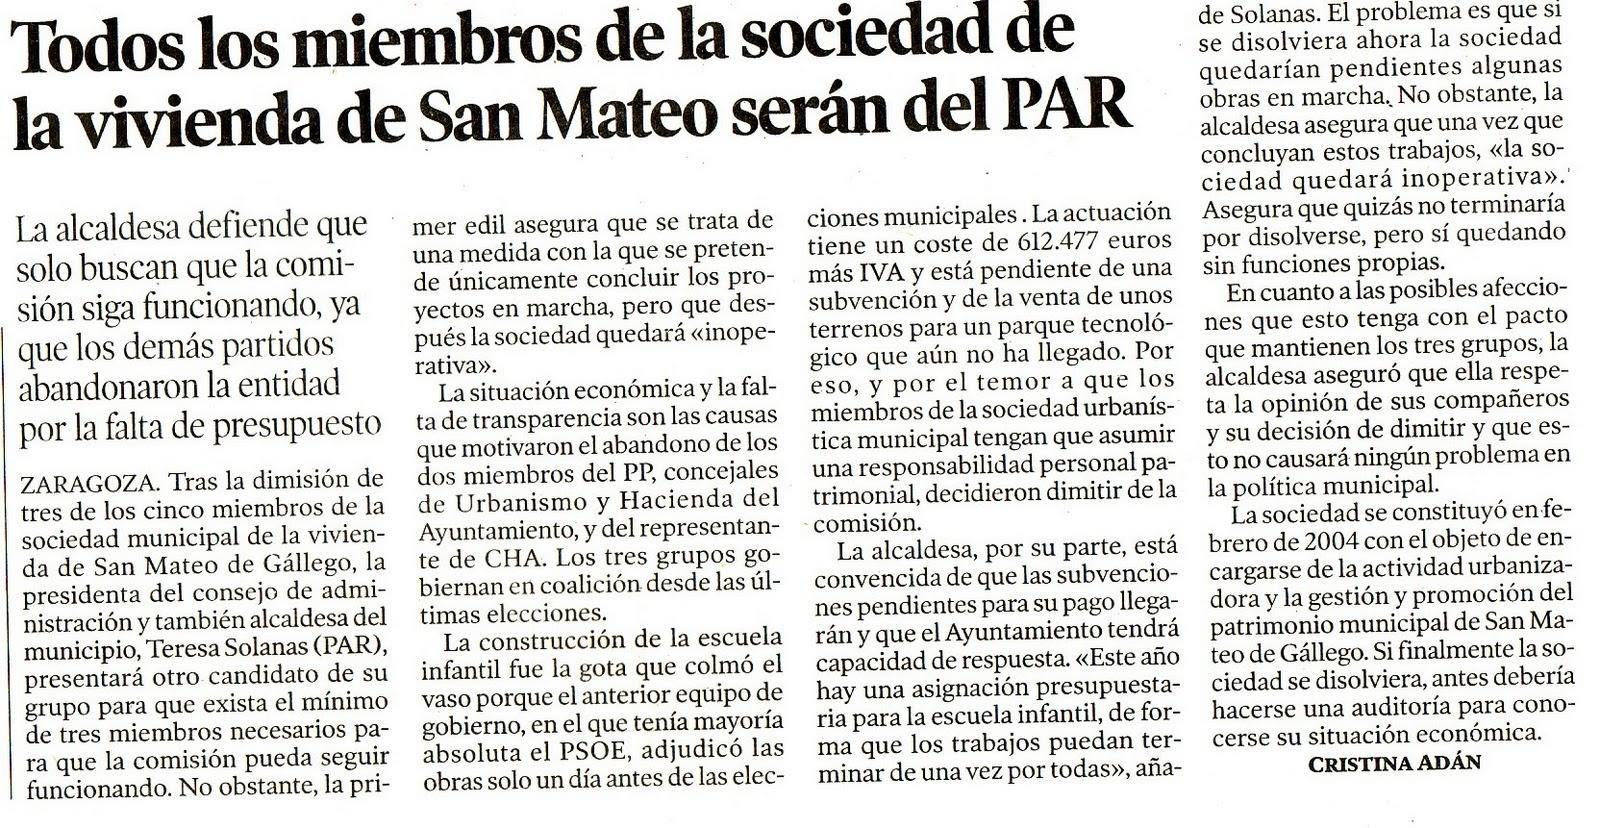 El blog de san mateo de g llego heraldo de arag n 26 - El tiempo en san mateo de gallego ...